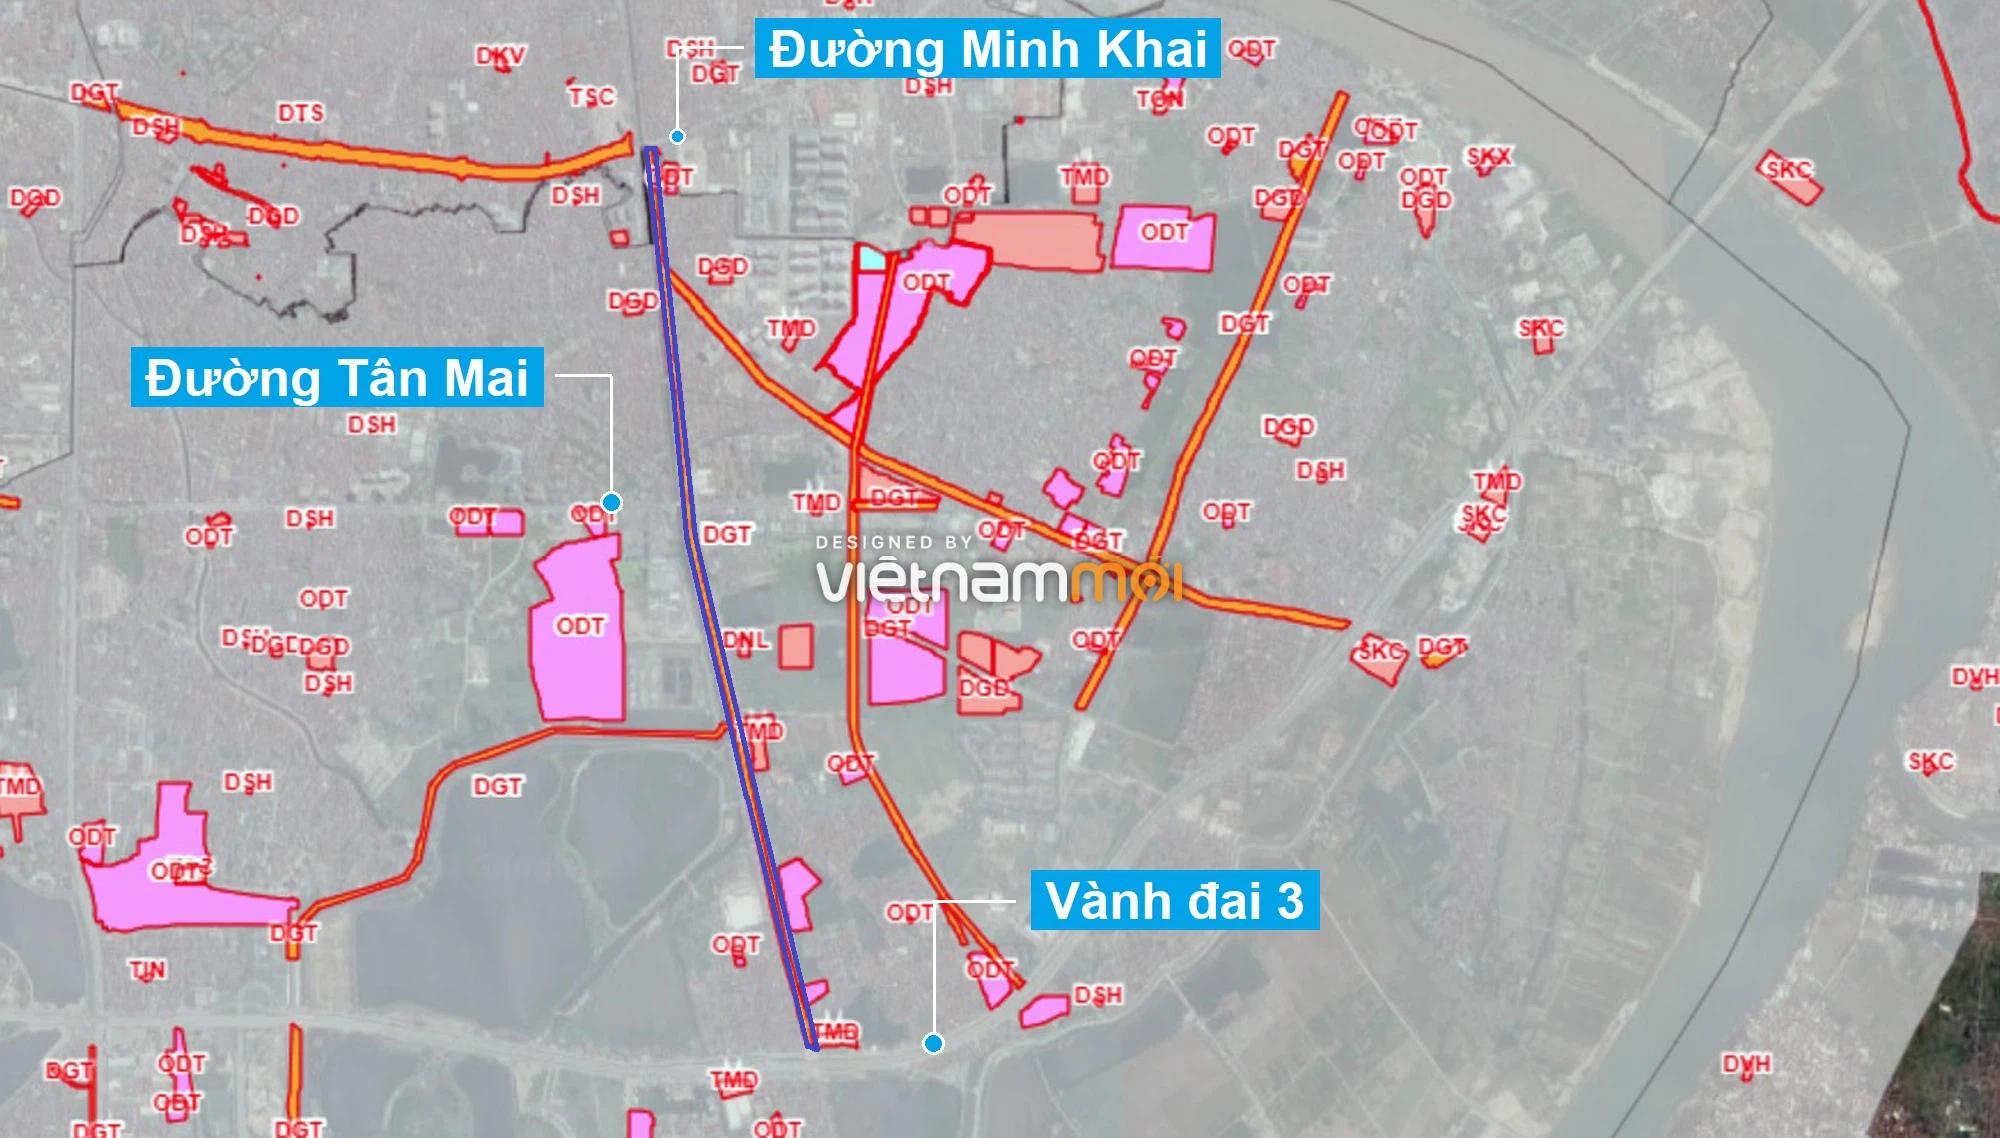 Những khu đất sắp thu hồi để mở đường ở quận Hoàng Mai, Hà Nội (phần 3) - Ảnh 1.